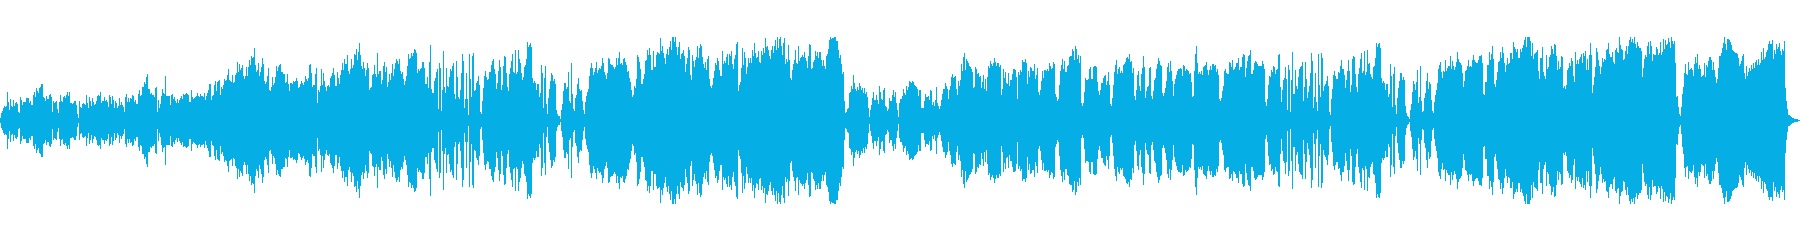 ほのぼのとした弦楽四重奏の再生済みの波形